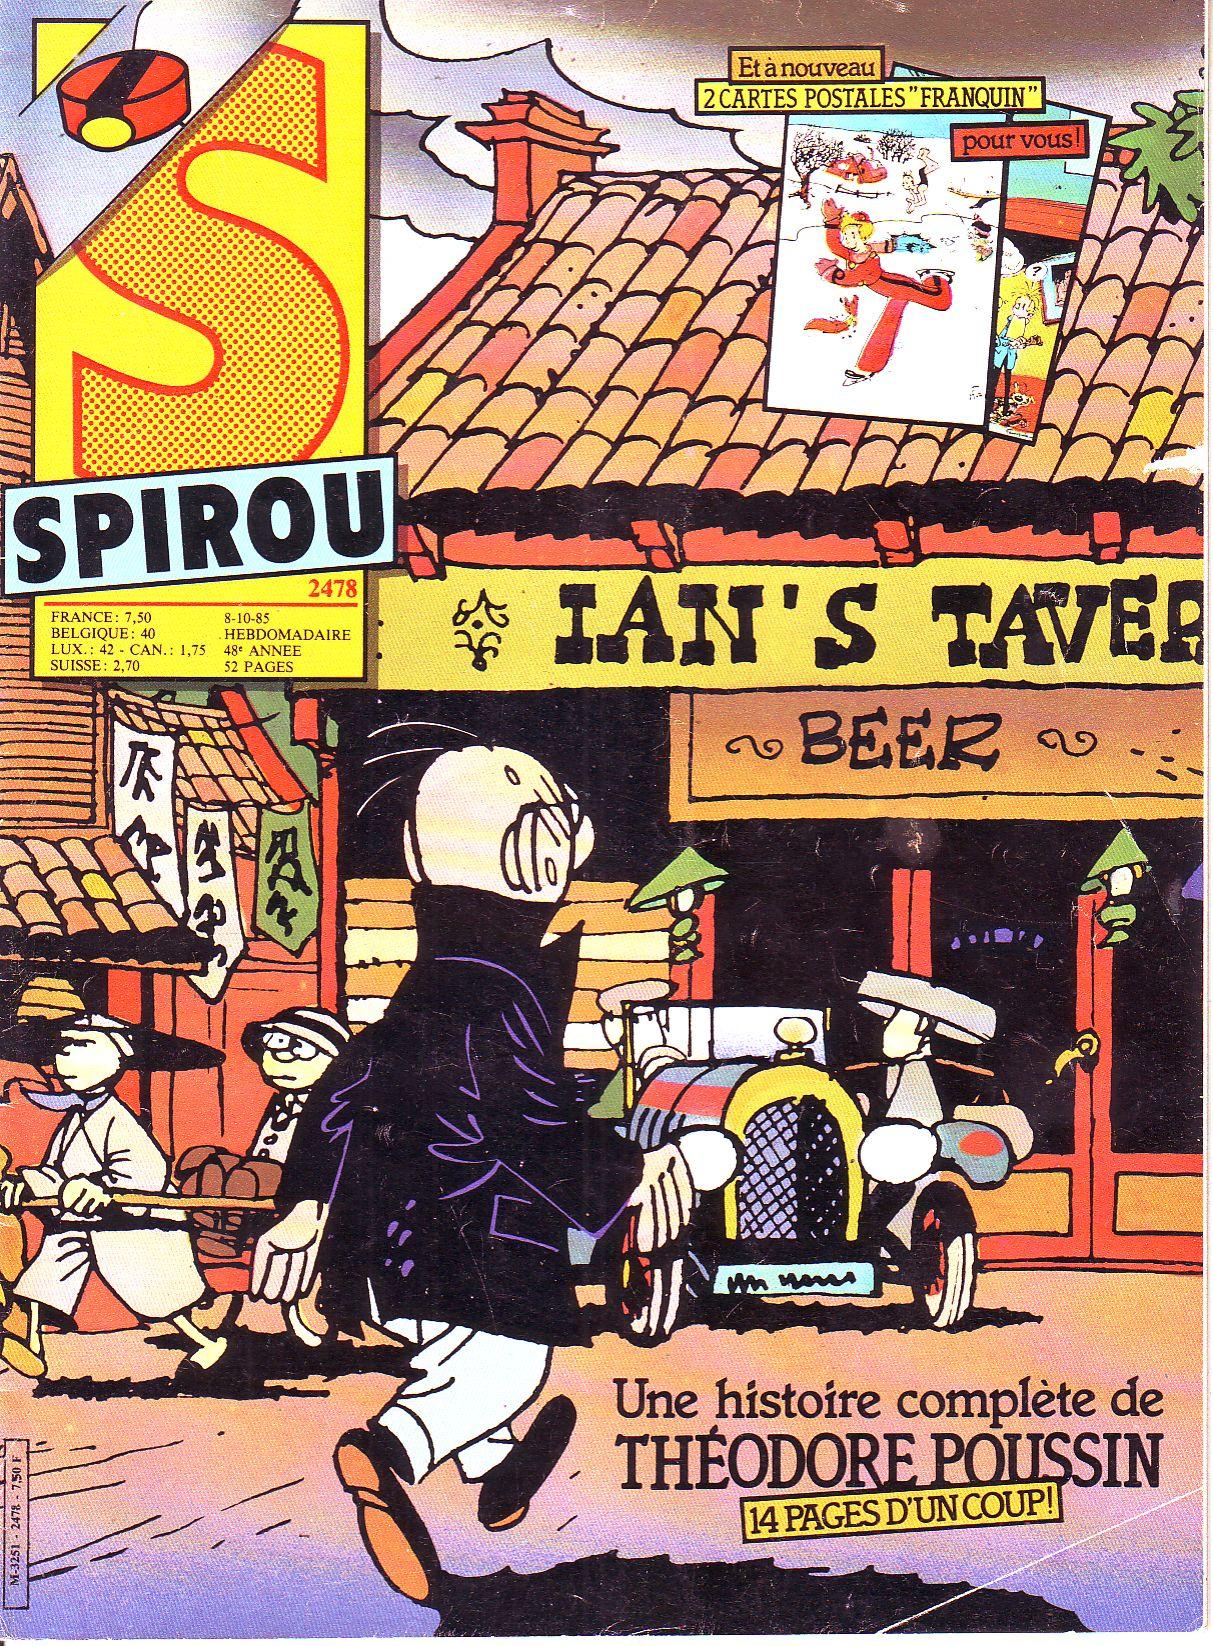 Le journal de Spirou 2478